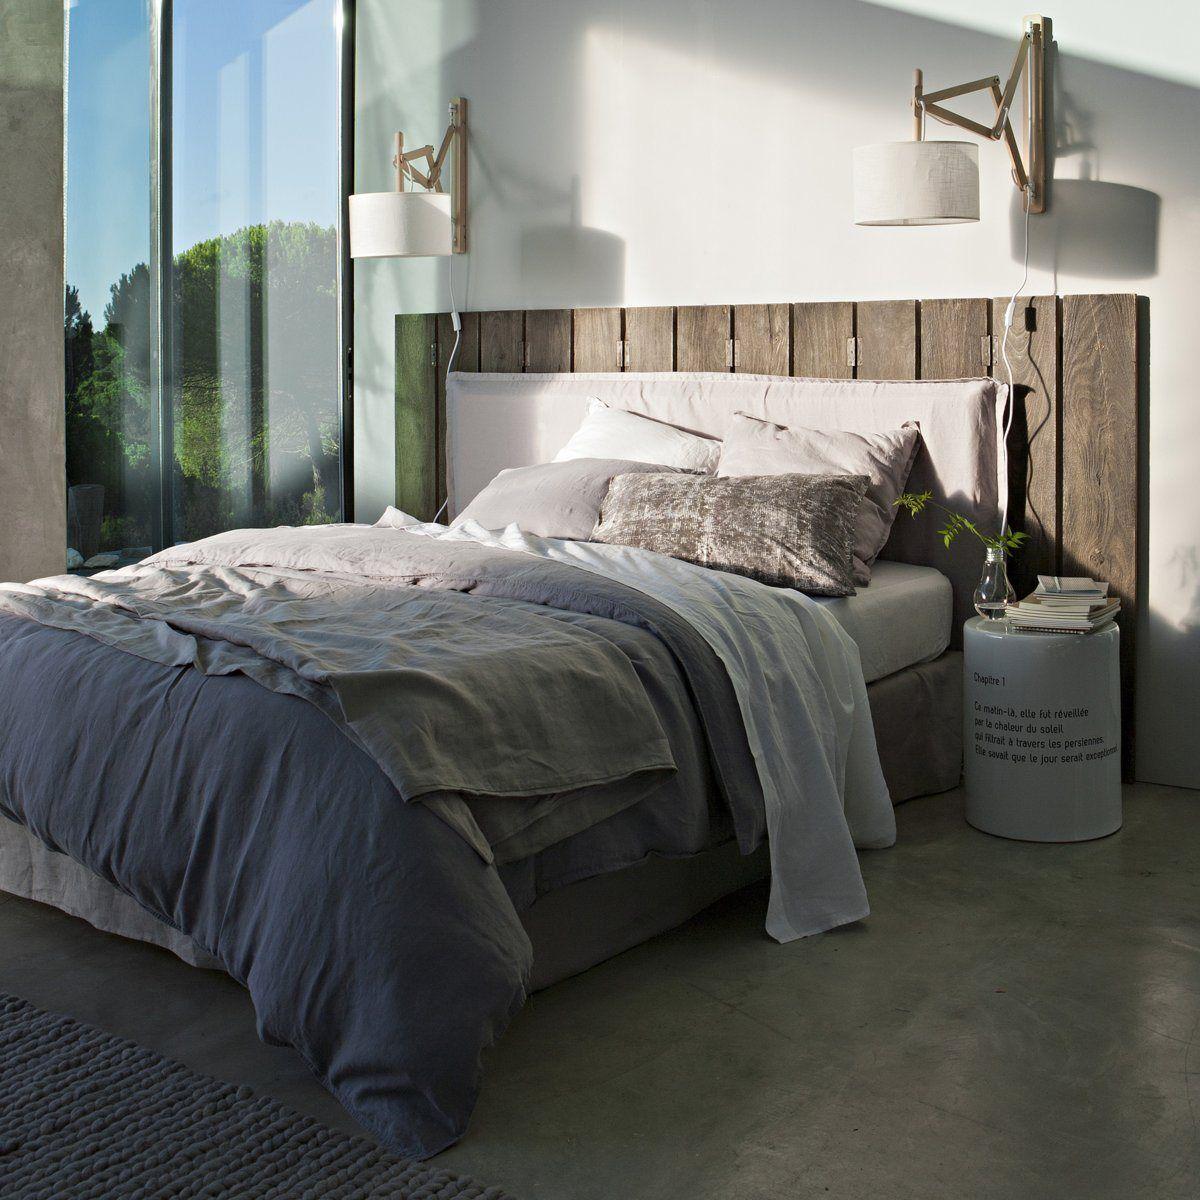 applique h tre pernille am pm chambres lit couette et housse de couette. Black Bedroom Furniture Sets. Home Design Ideas